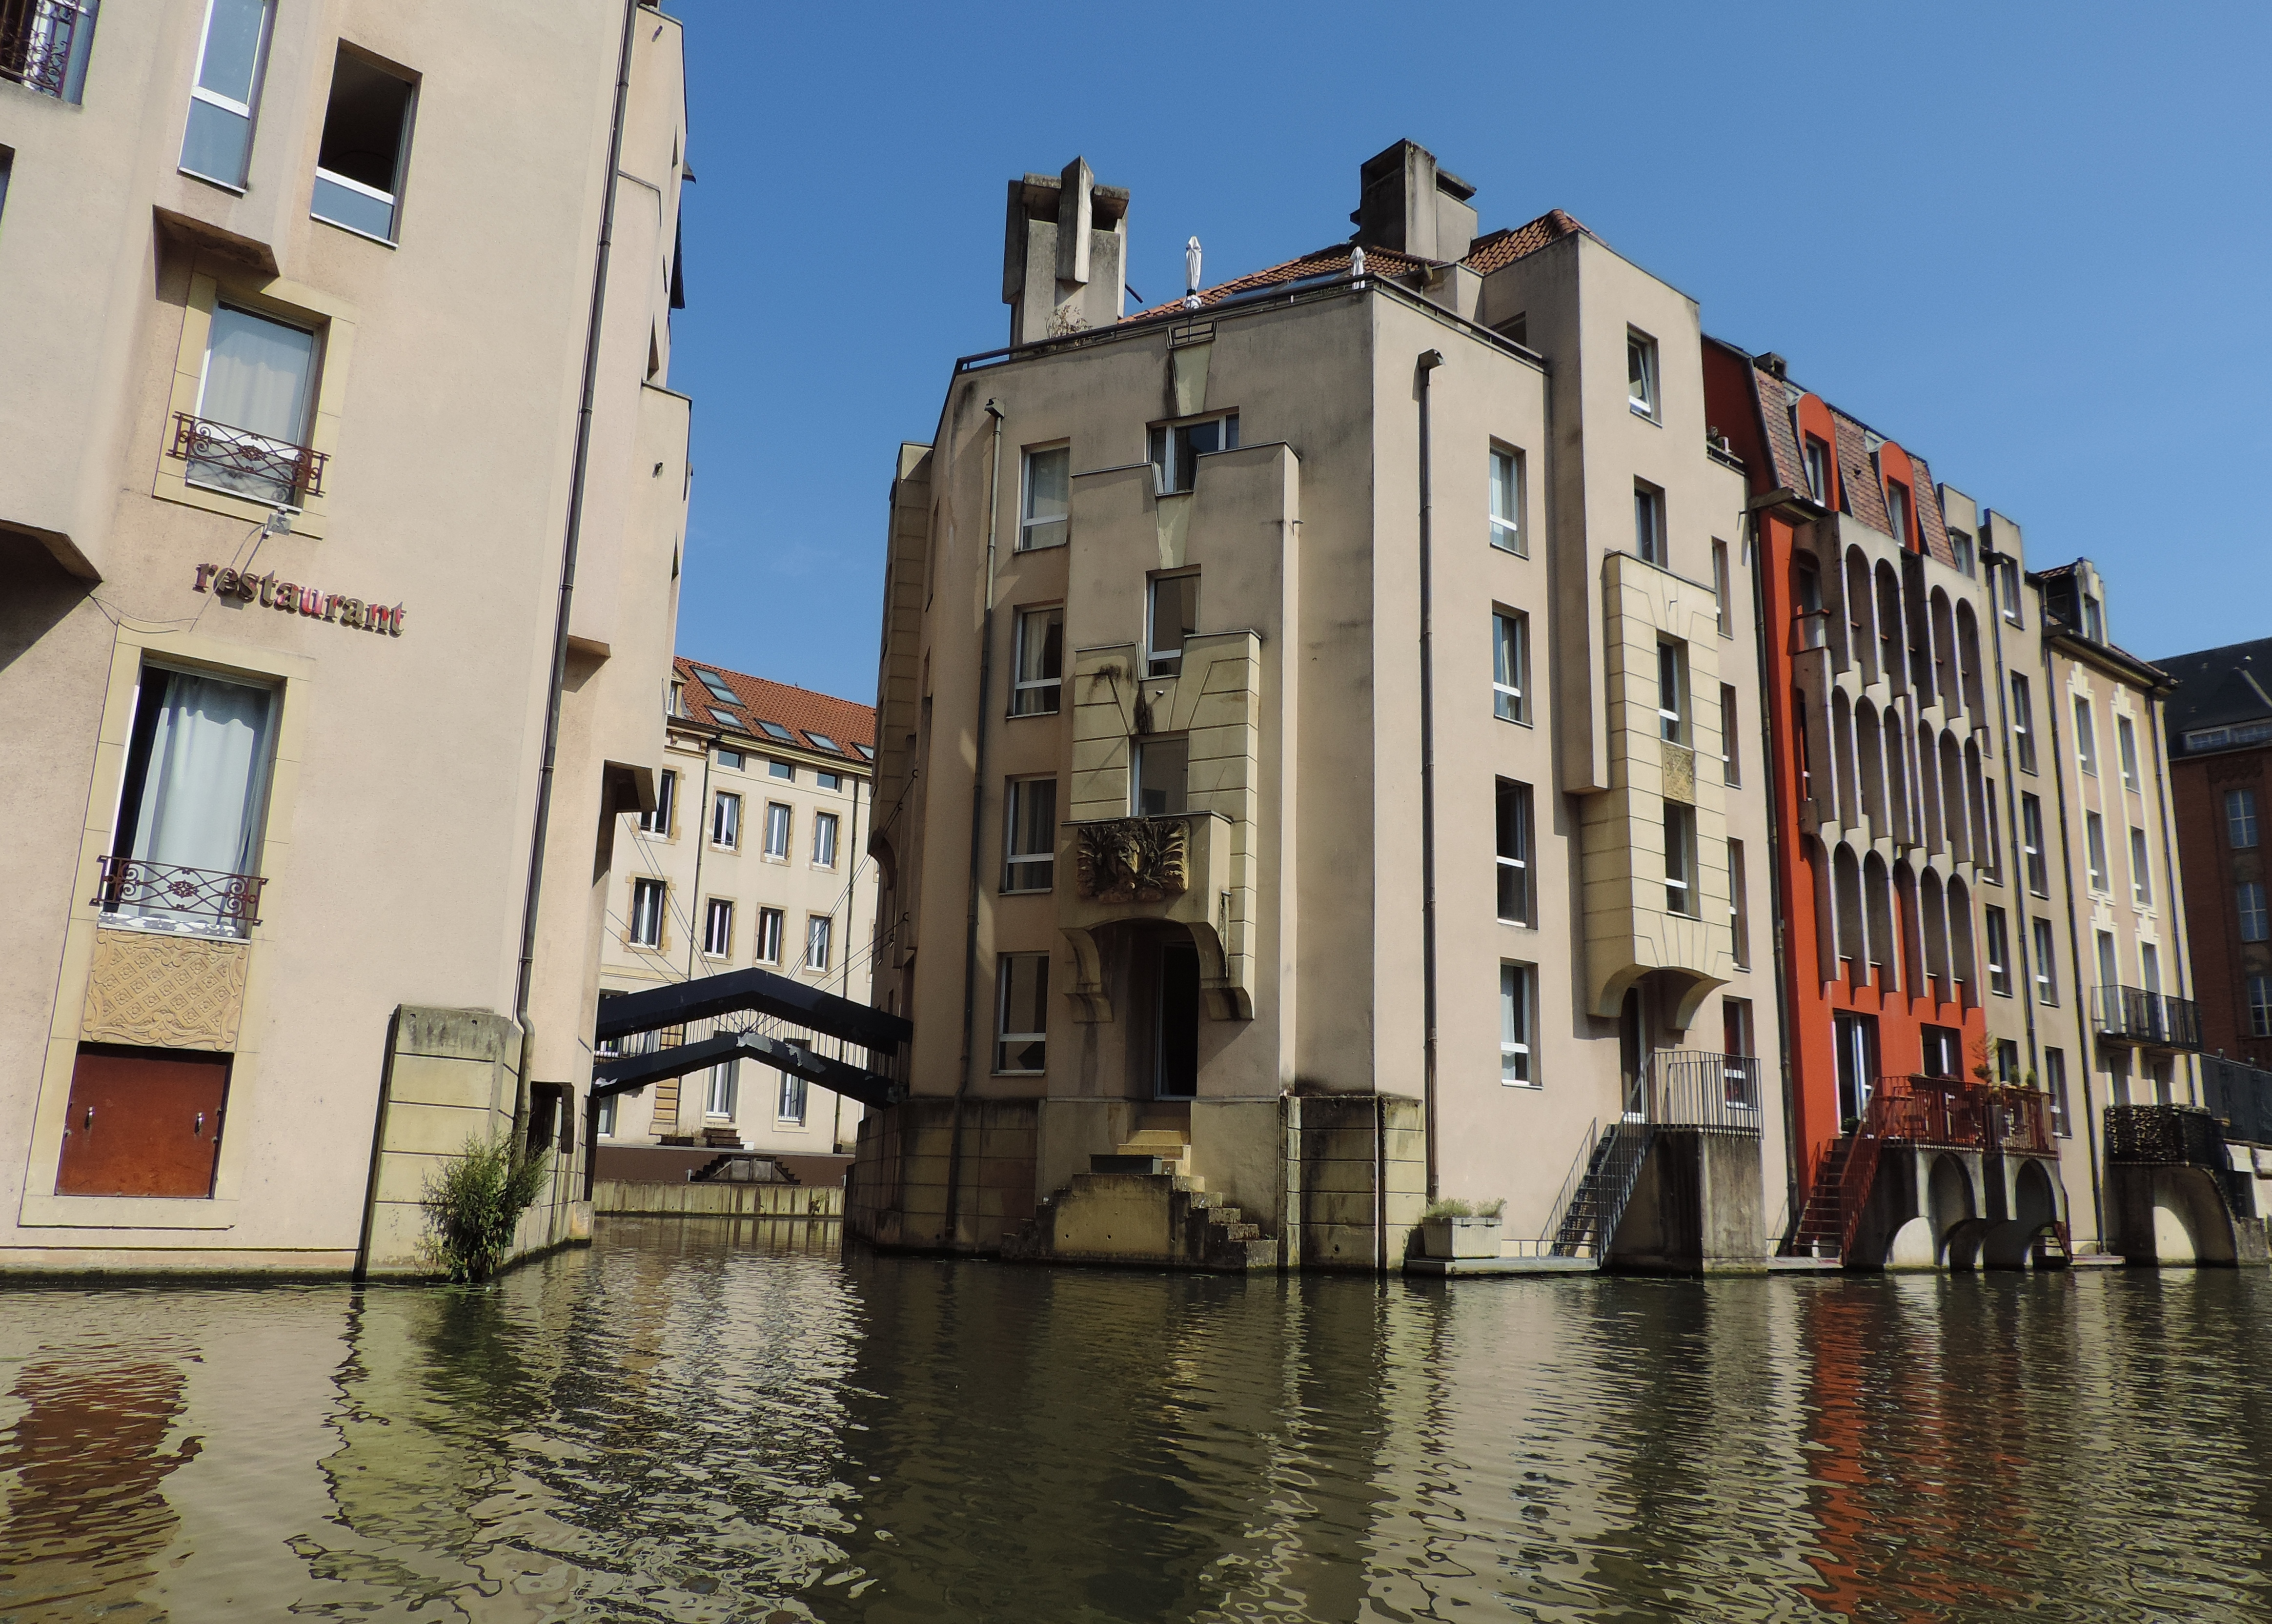 Port St Marcel